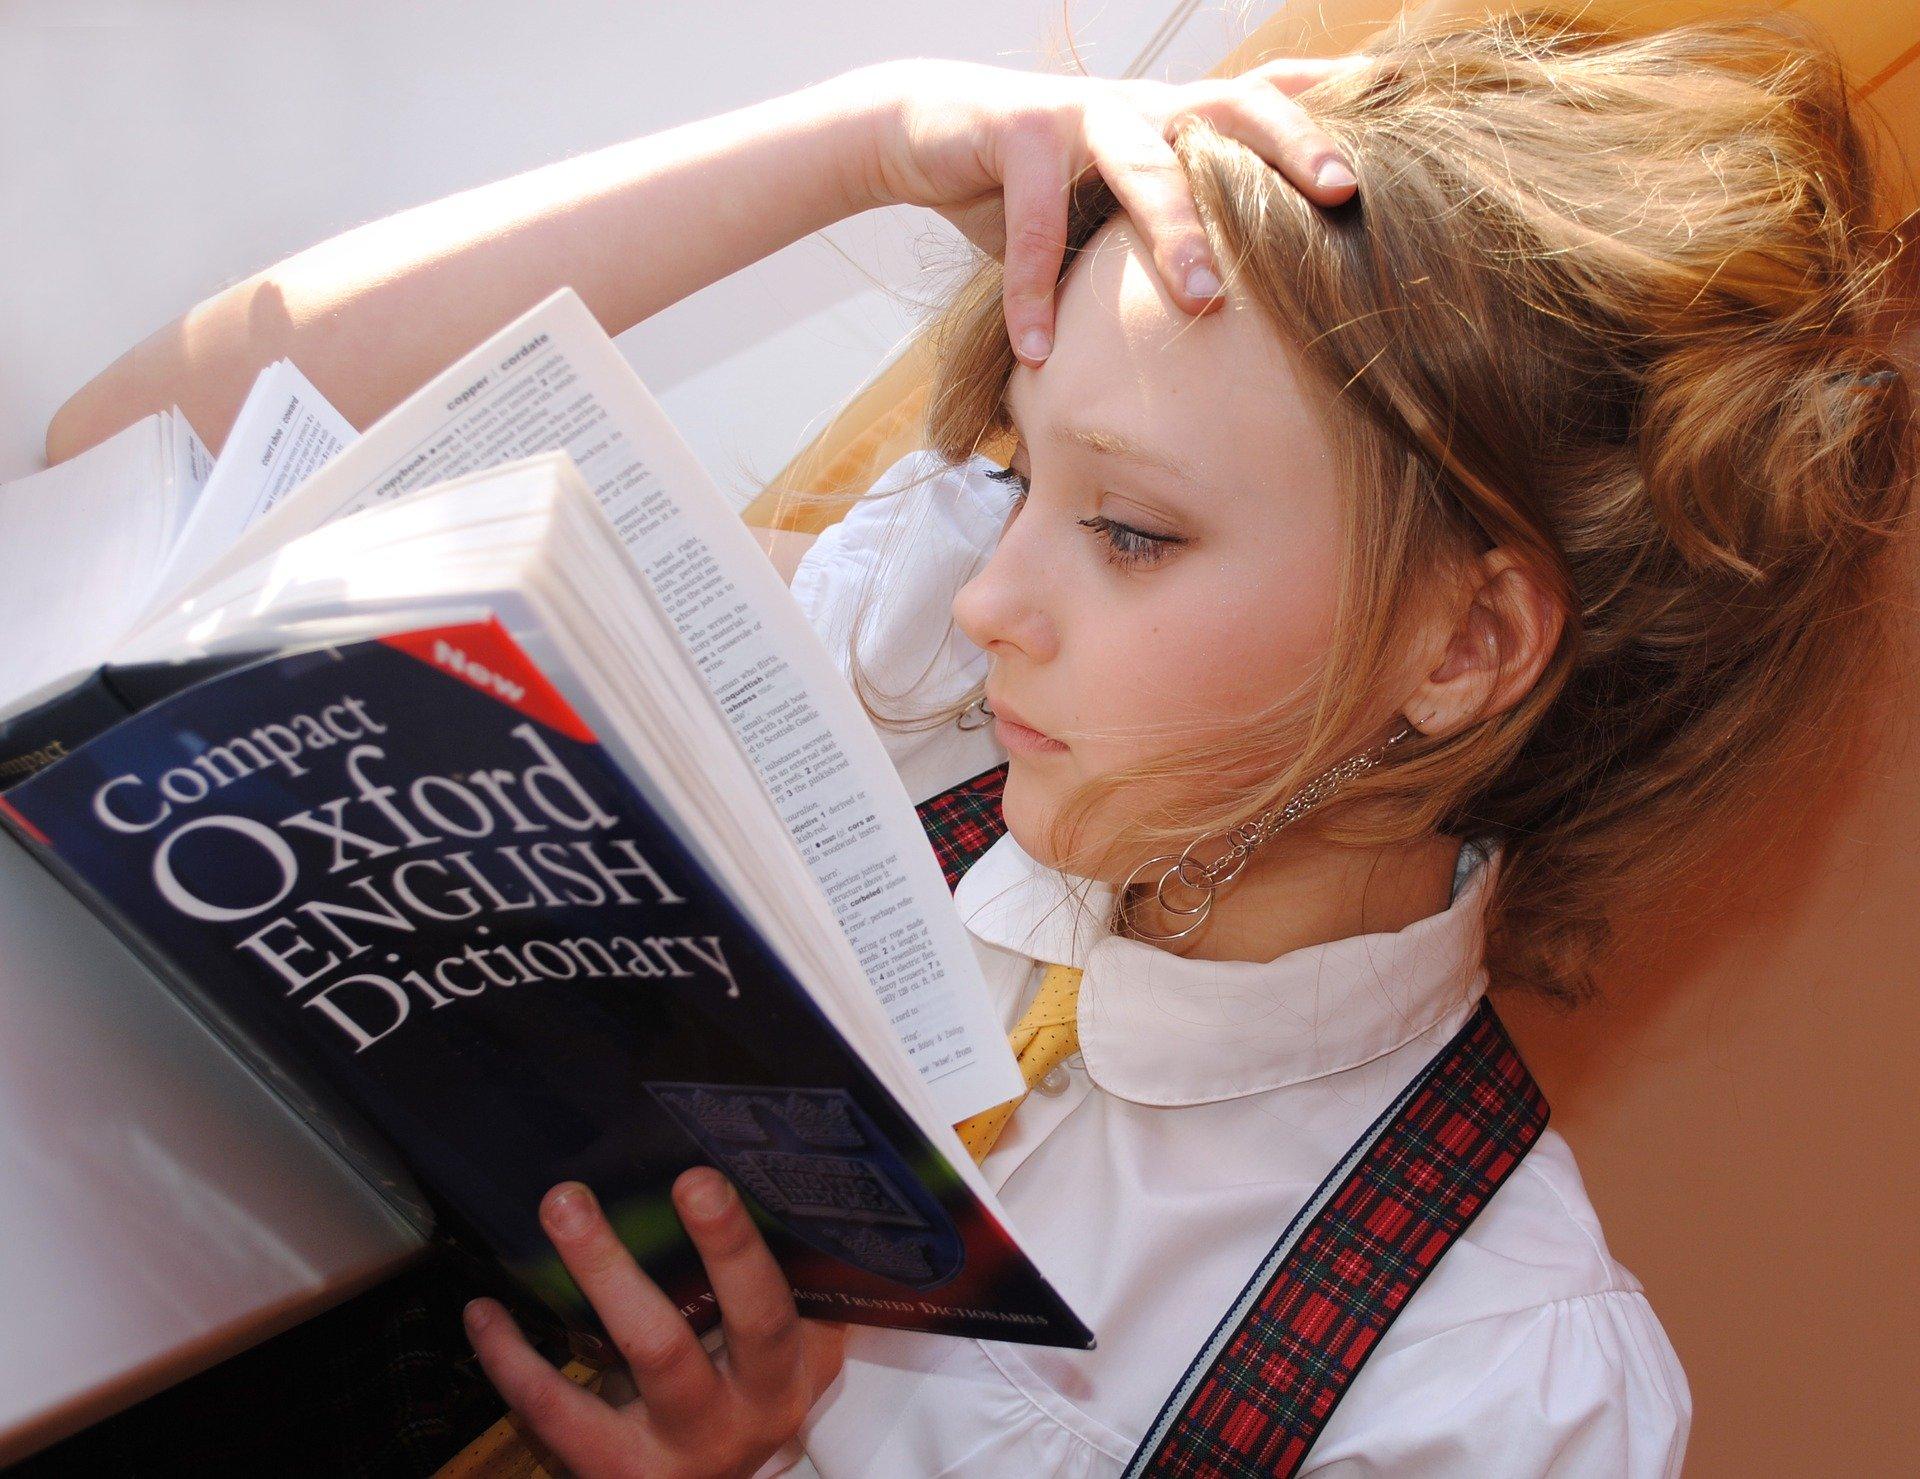 【英熟語】大学受験向け!効率的な勉強には省くべき章を知るべし